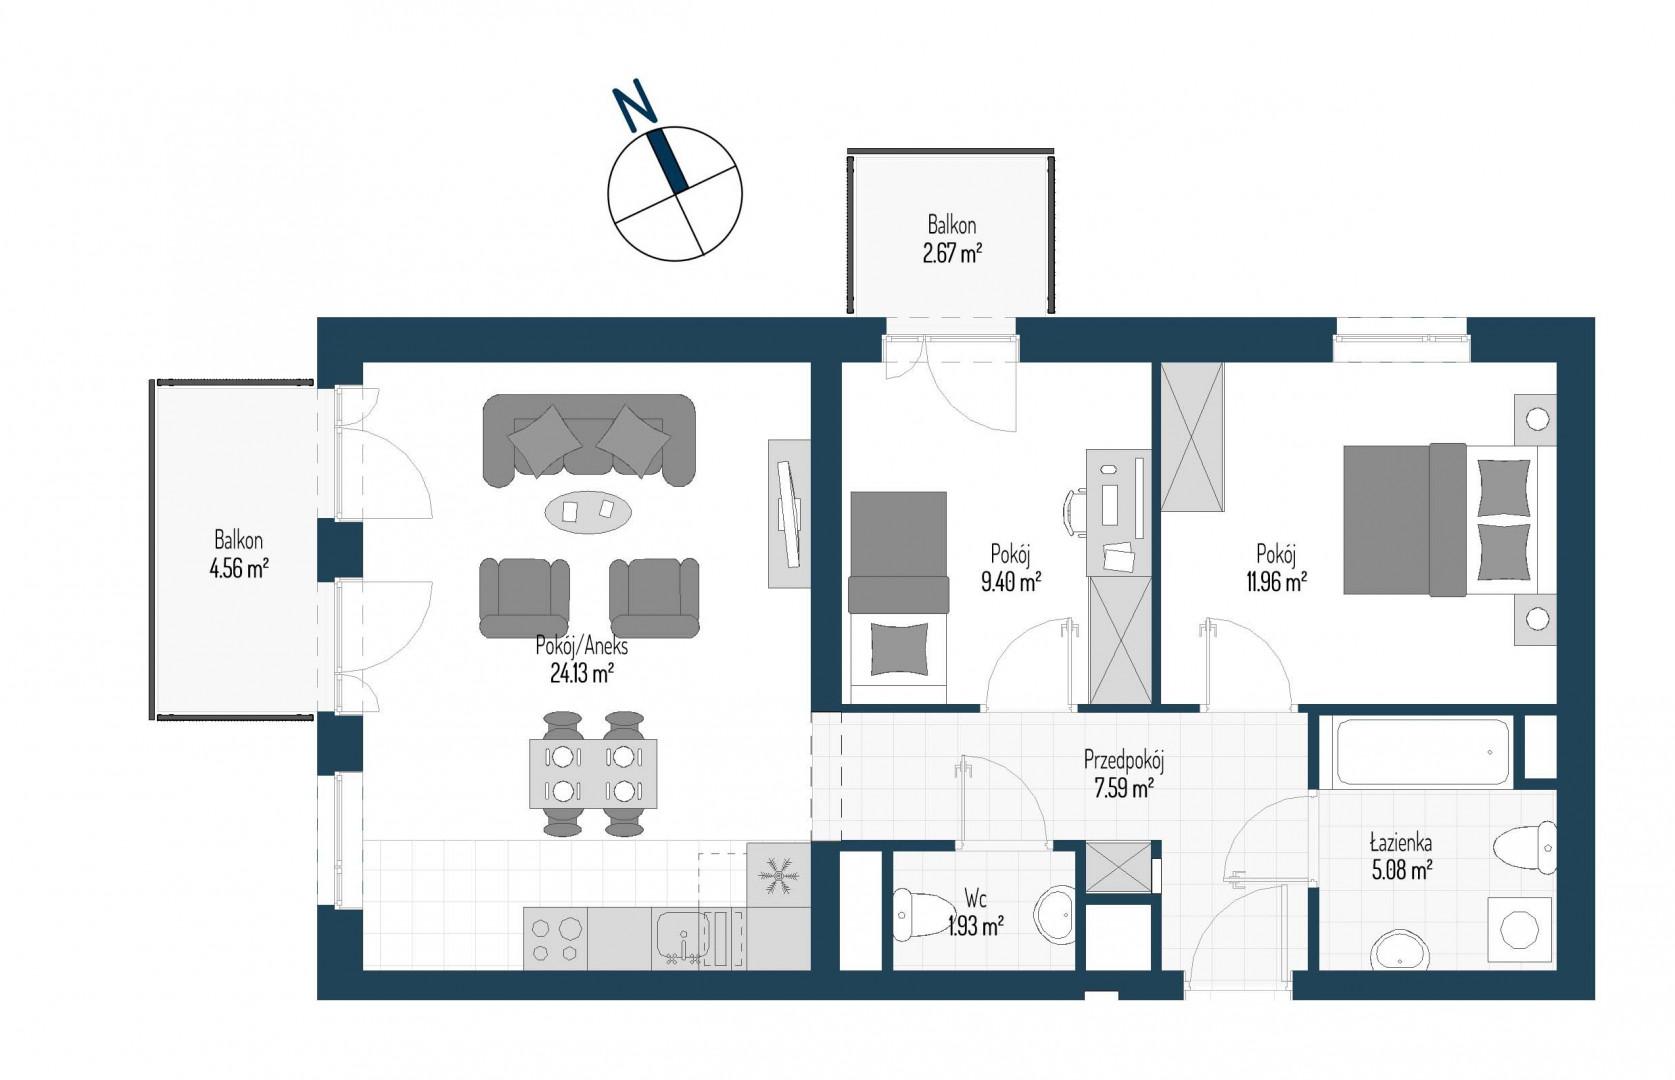 Zdrowe Stylove / budynek 1 / mieszkanie nr M34 rzut 1